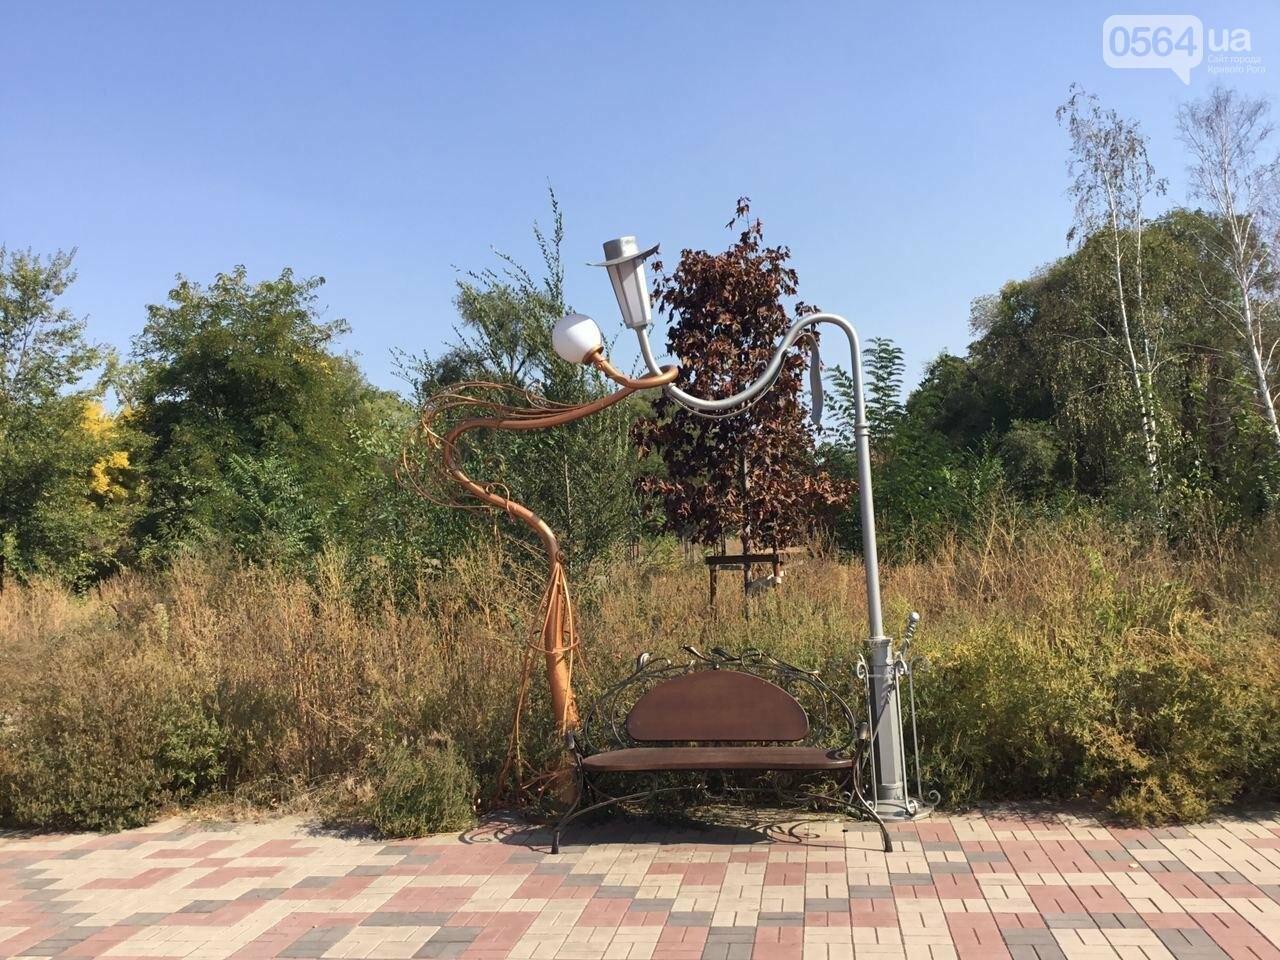 """""""Политика и бесхозяйственность"""", - криворожане поделились мнениями о Гданцевском парке, - ФОТО, ВИДЕО, фото-80"""